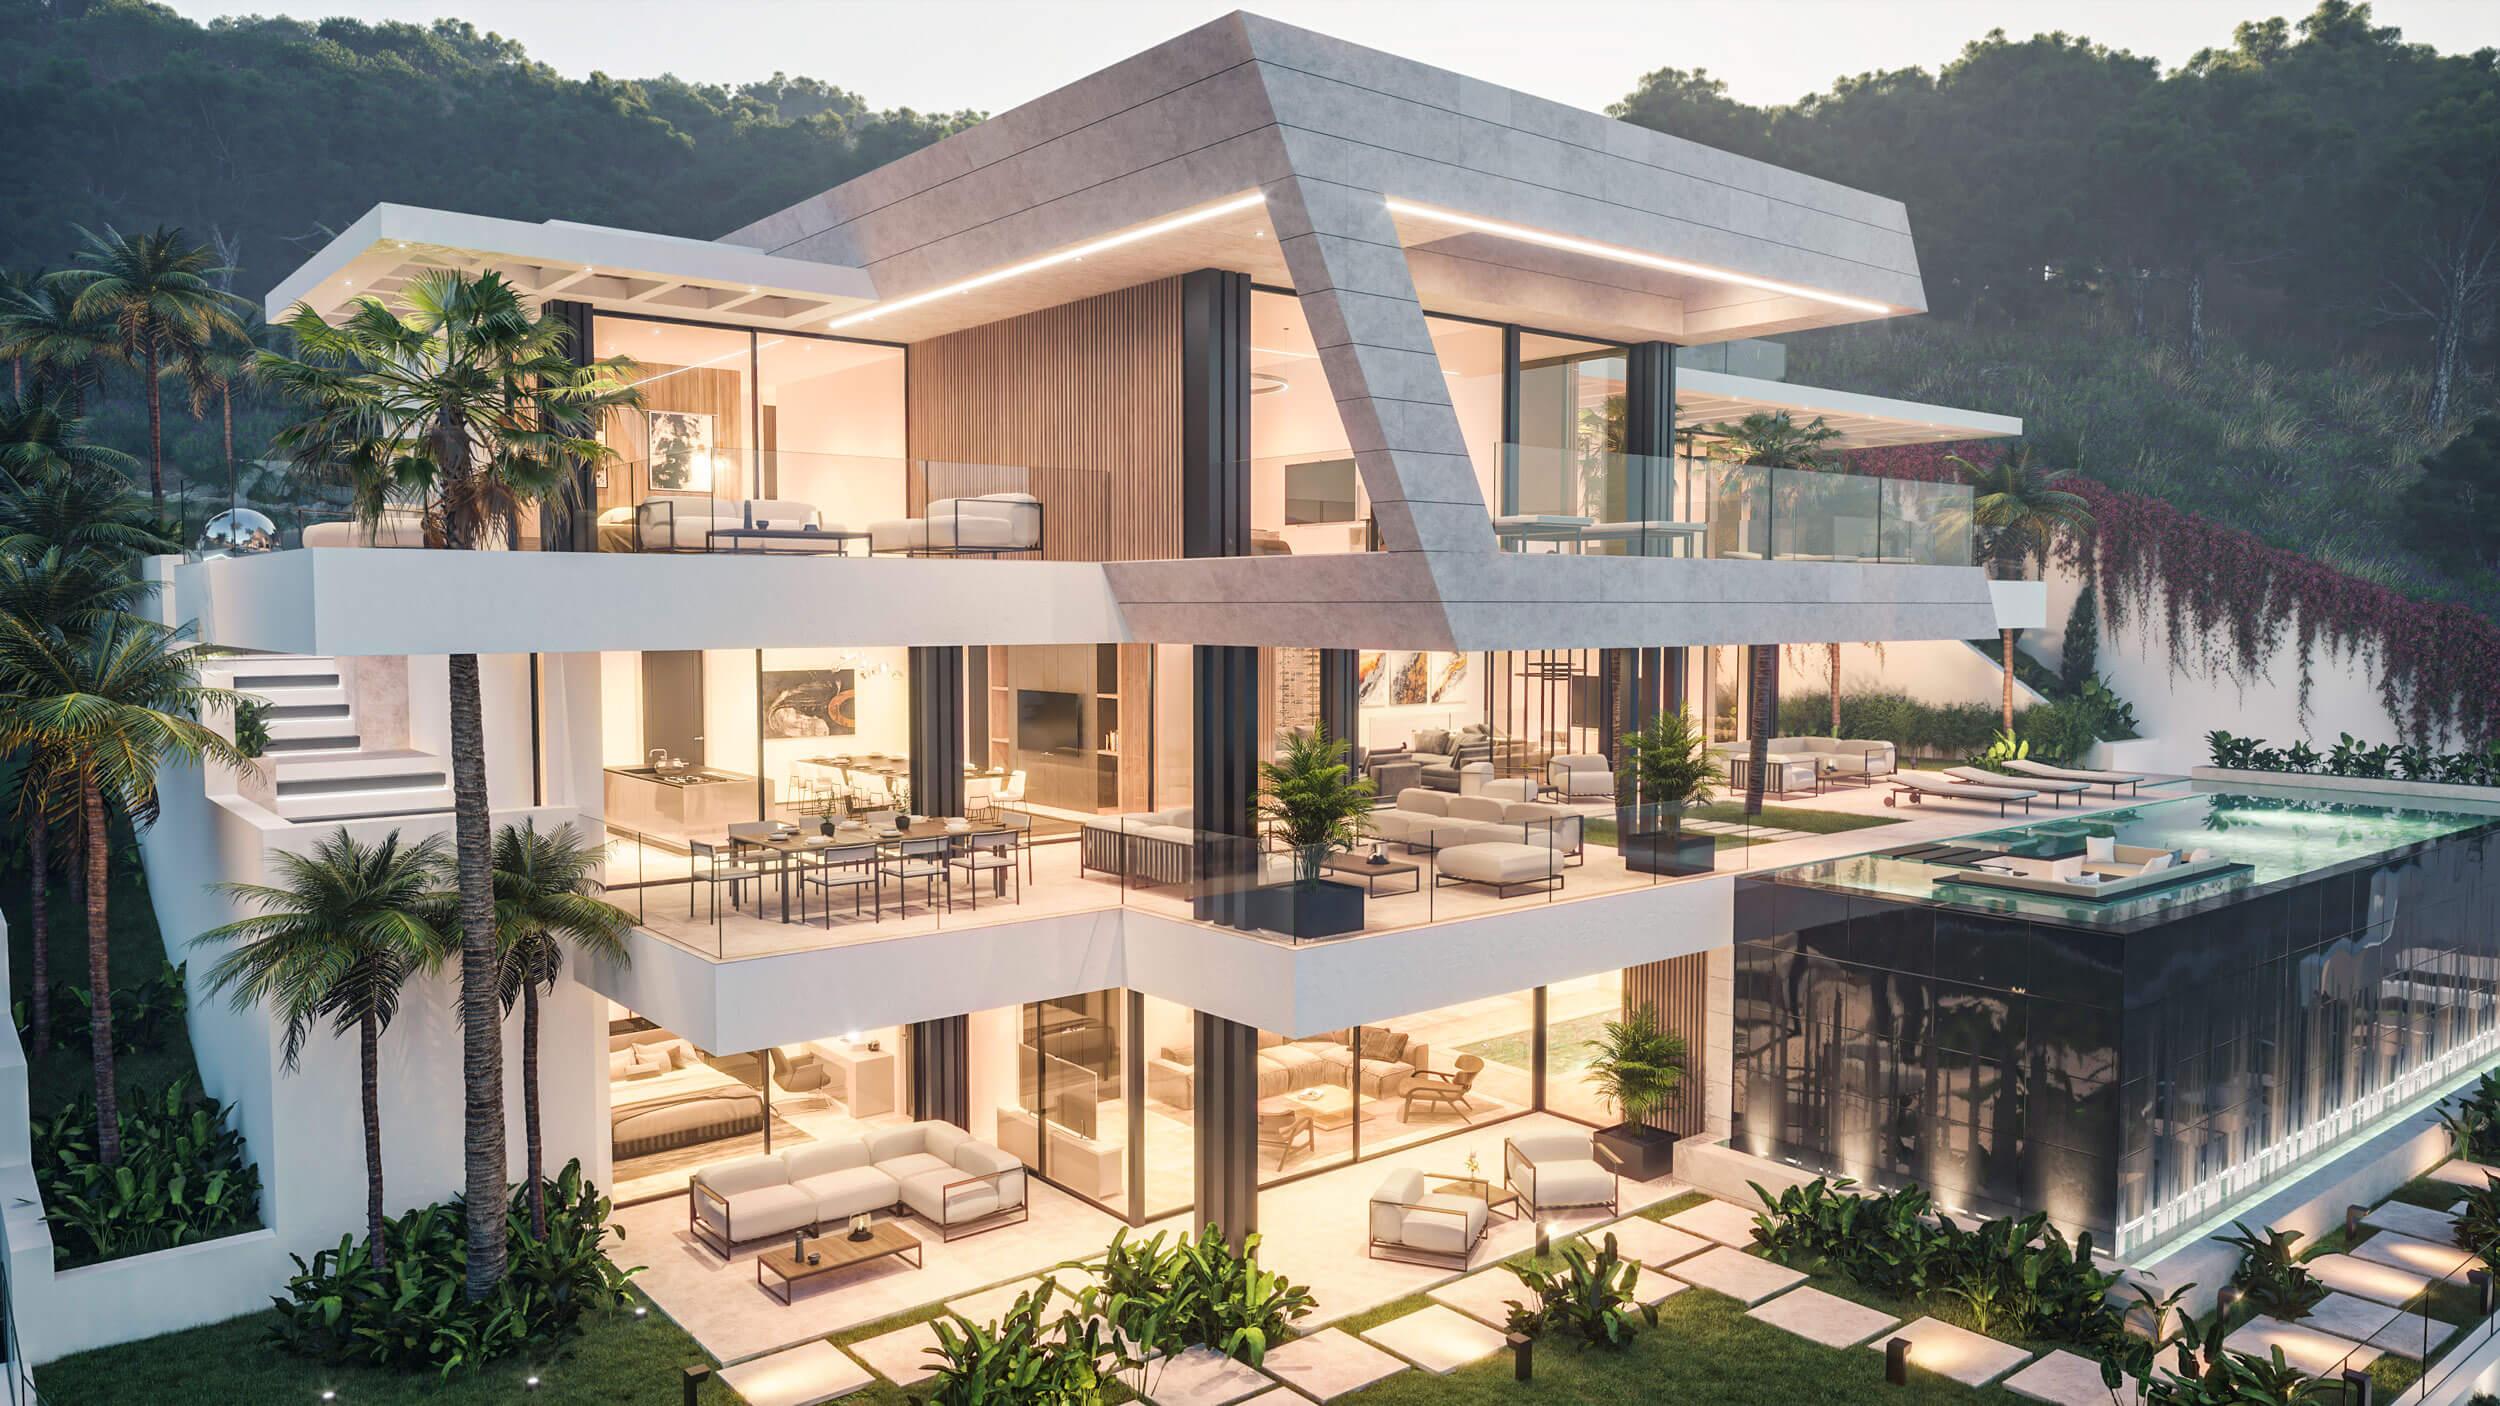 biệt thự 3 tầng có hồ bơi hiện đại đẳng cấp 3